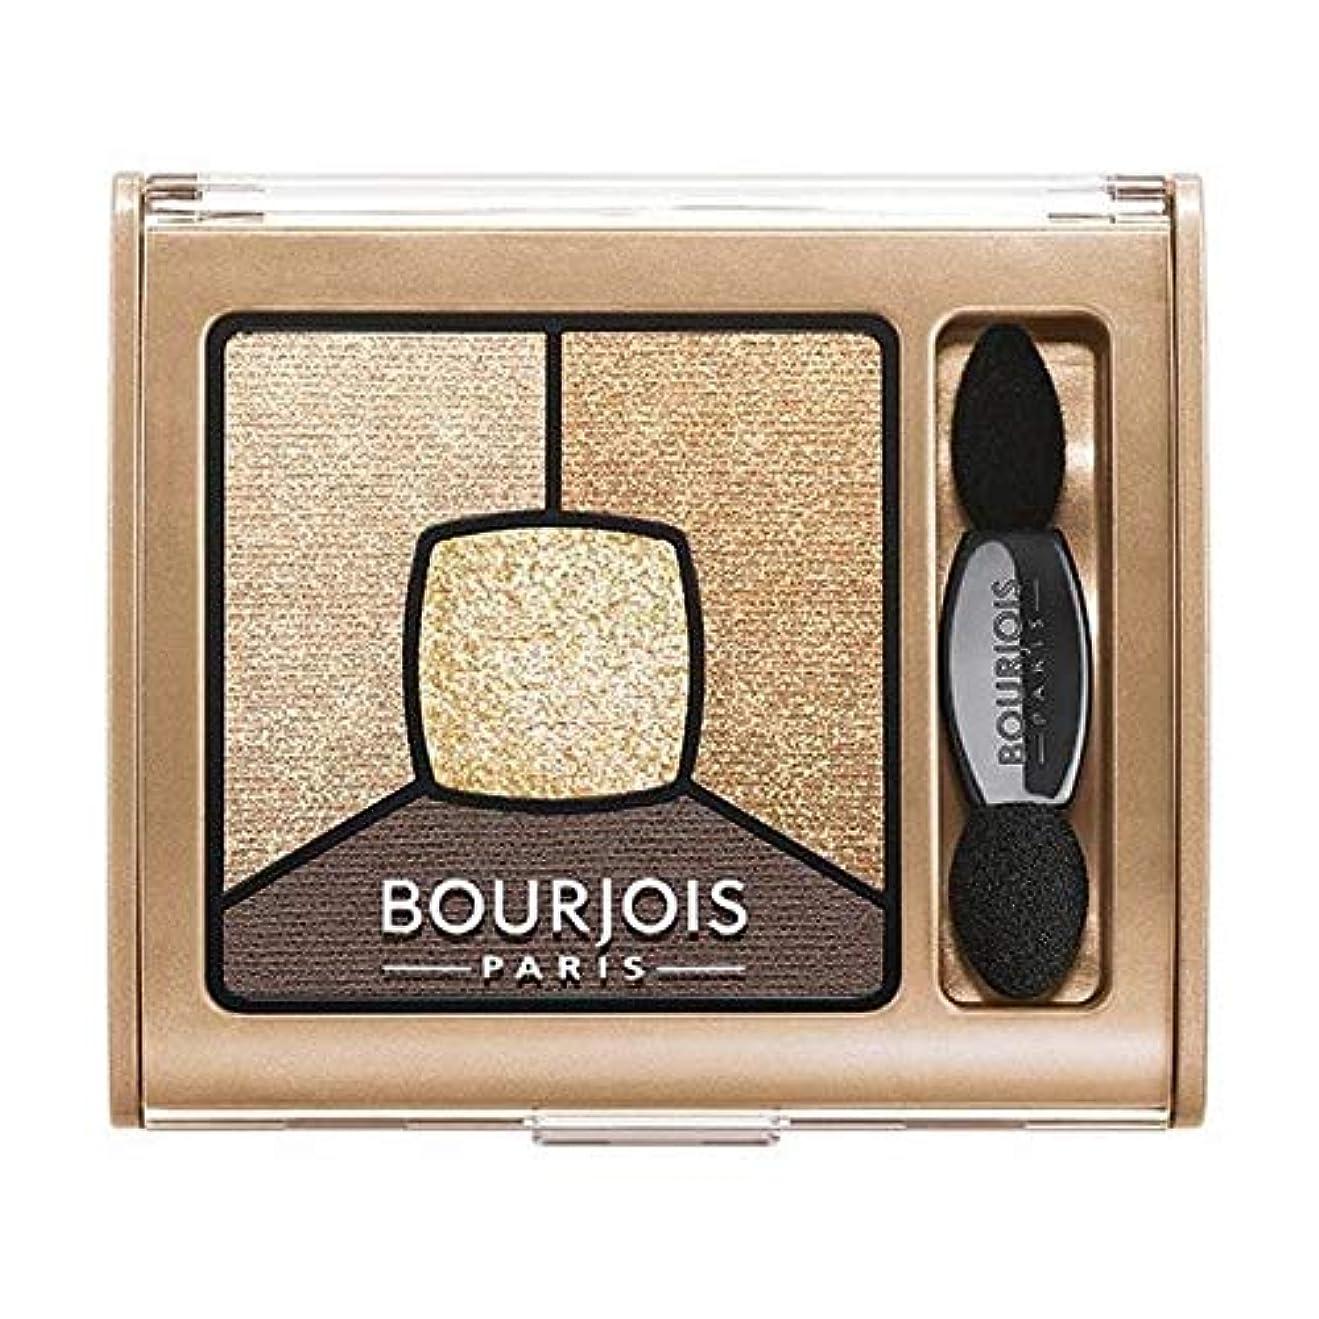 ヒールブリーフケースケージ[Bourjois ] ブルジョワスモーキー話クワッドアイシャドウ - ゴールド版 - Bourjois Smoky Stories Quad Eyeshadow - Gold Edition [並行輸入品]